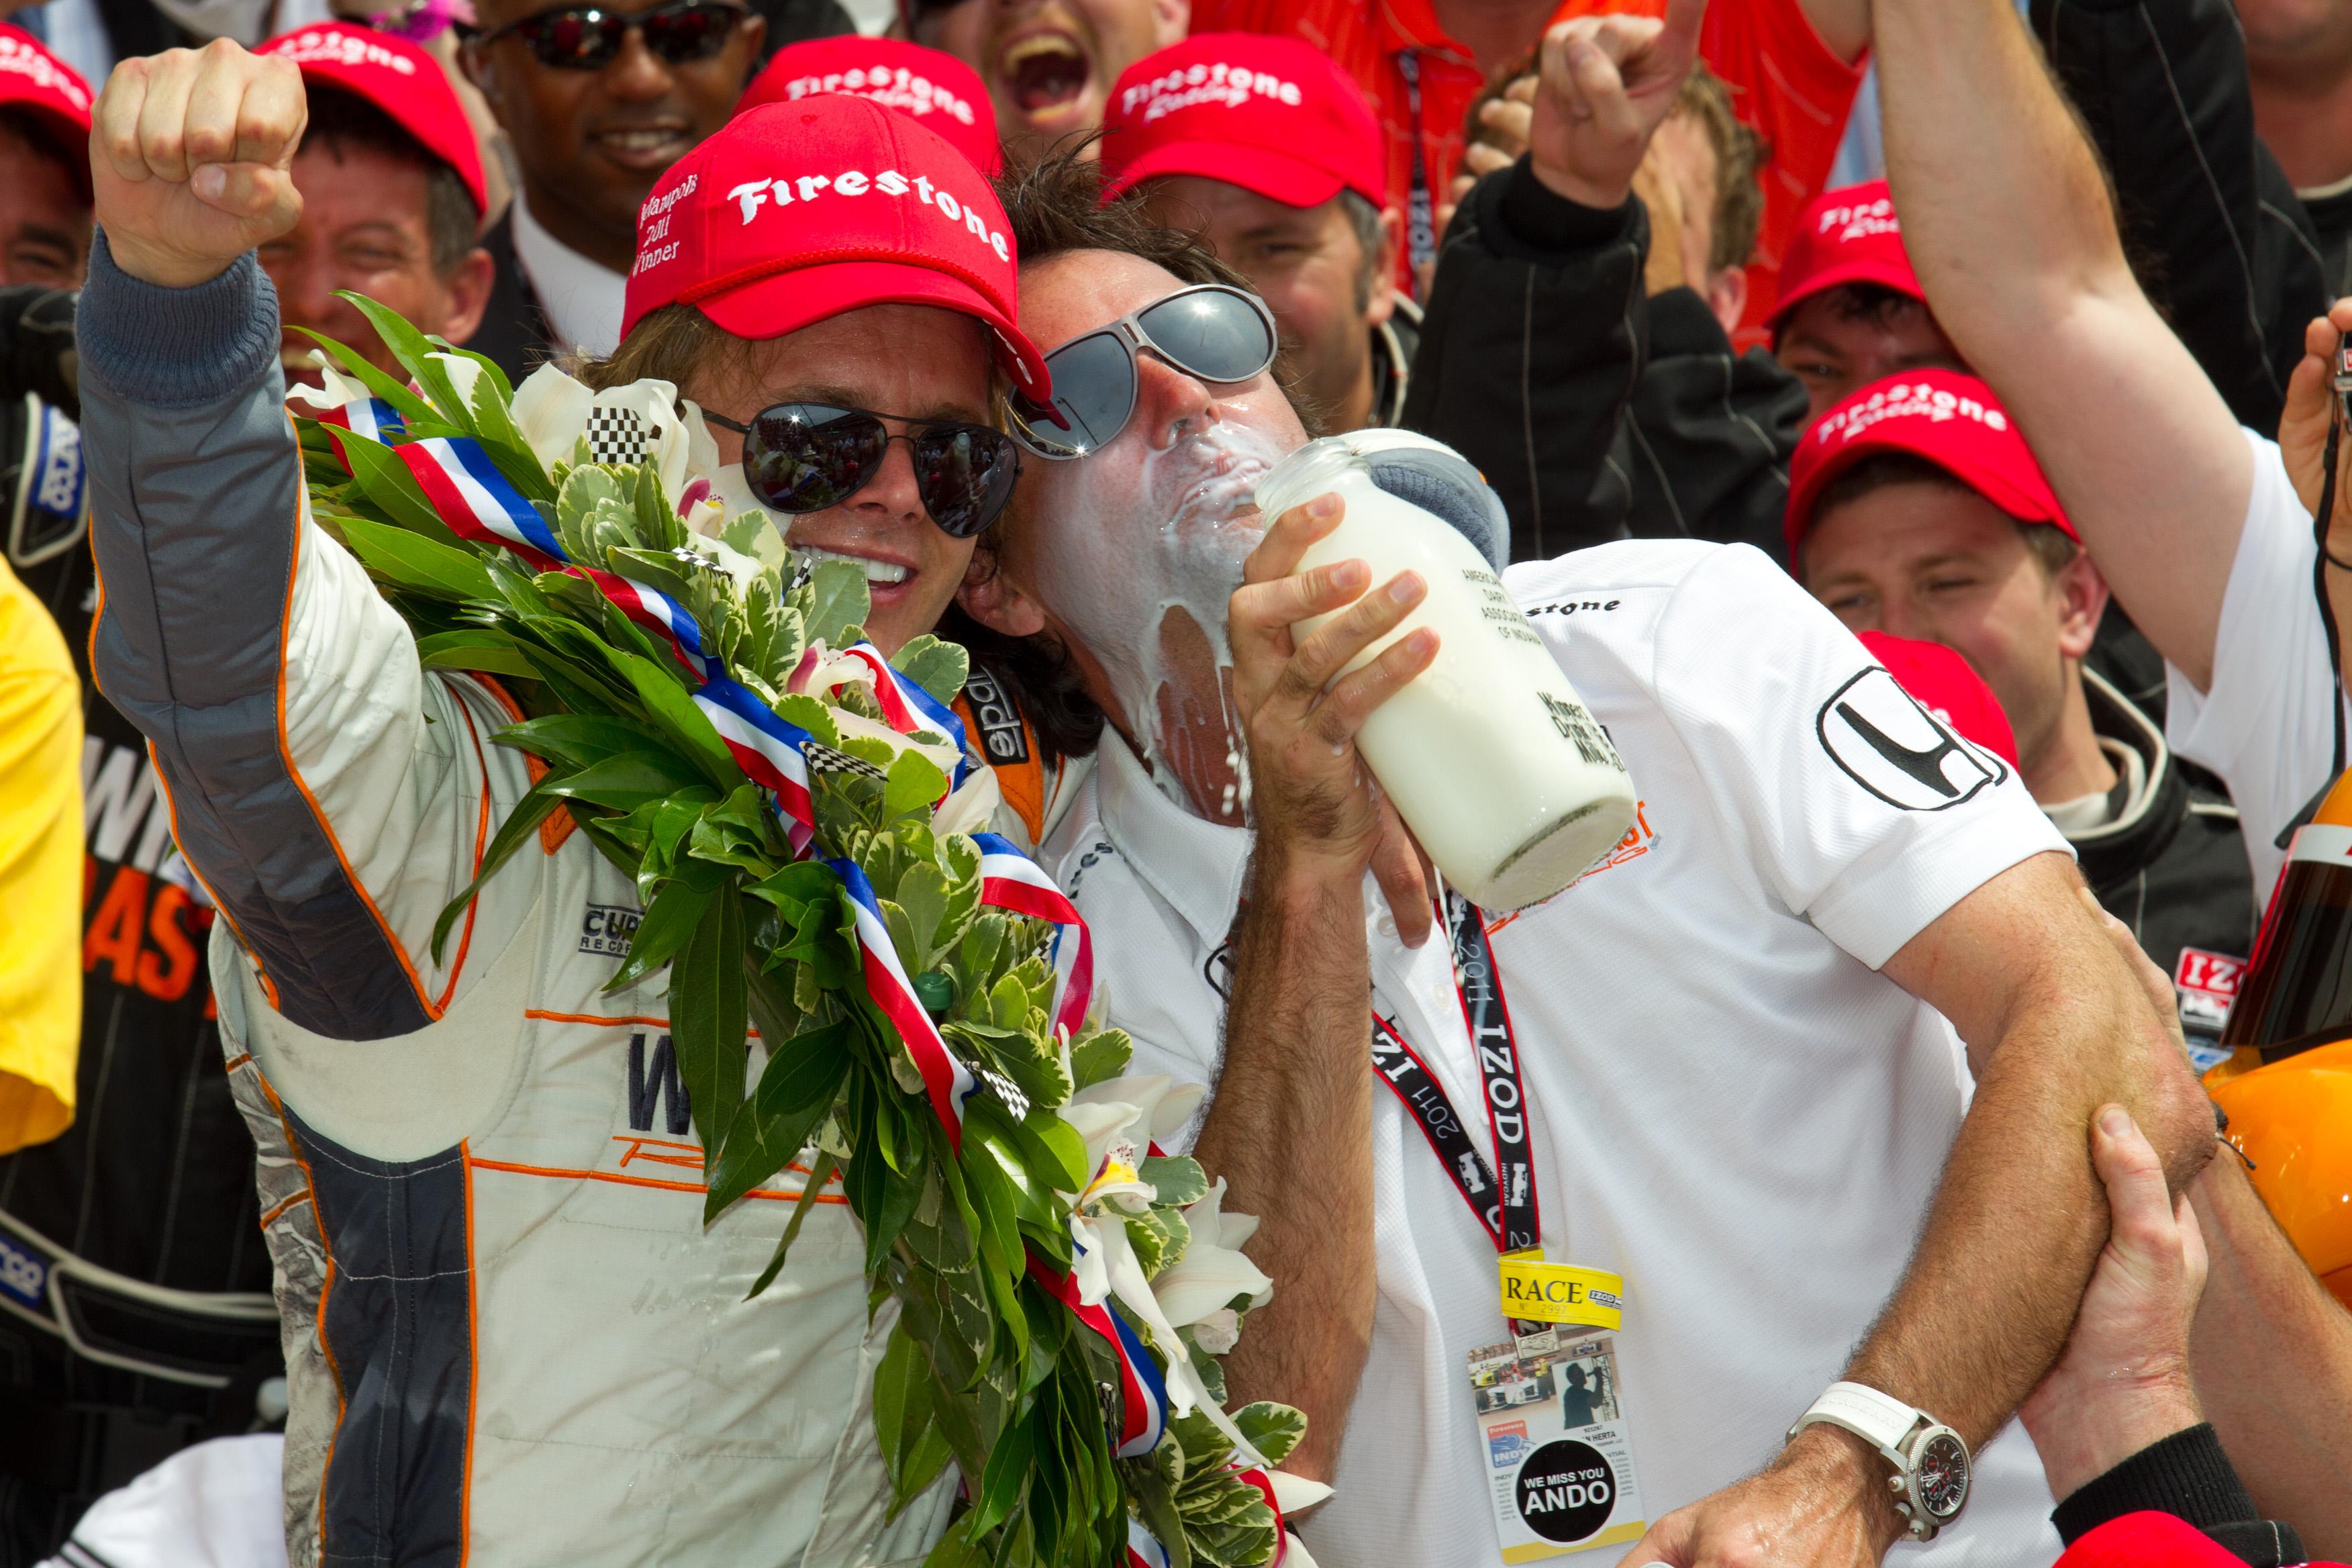 Dan Wheldon Bryan Herta Indy 500 win 2011